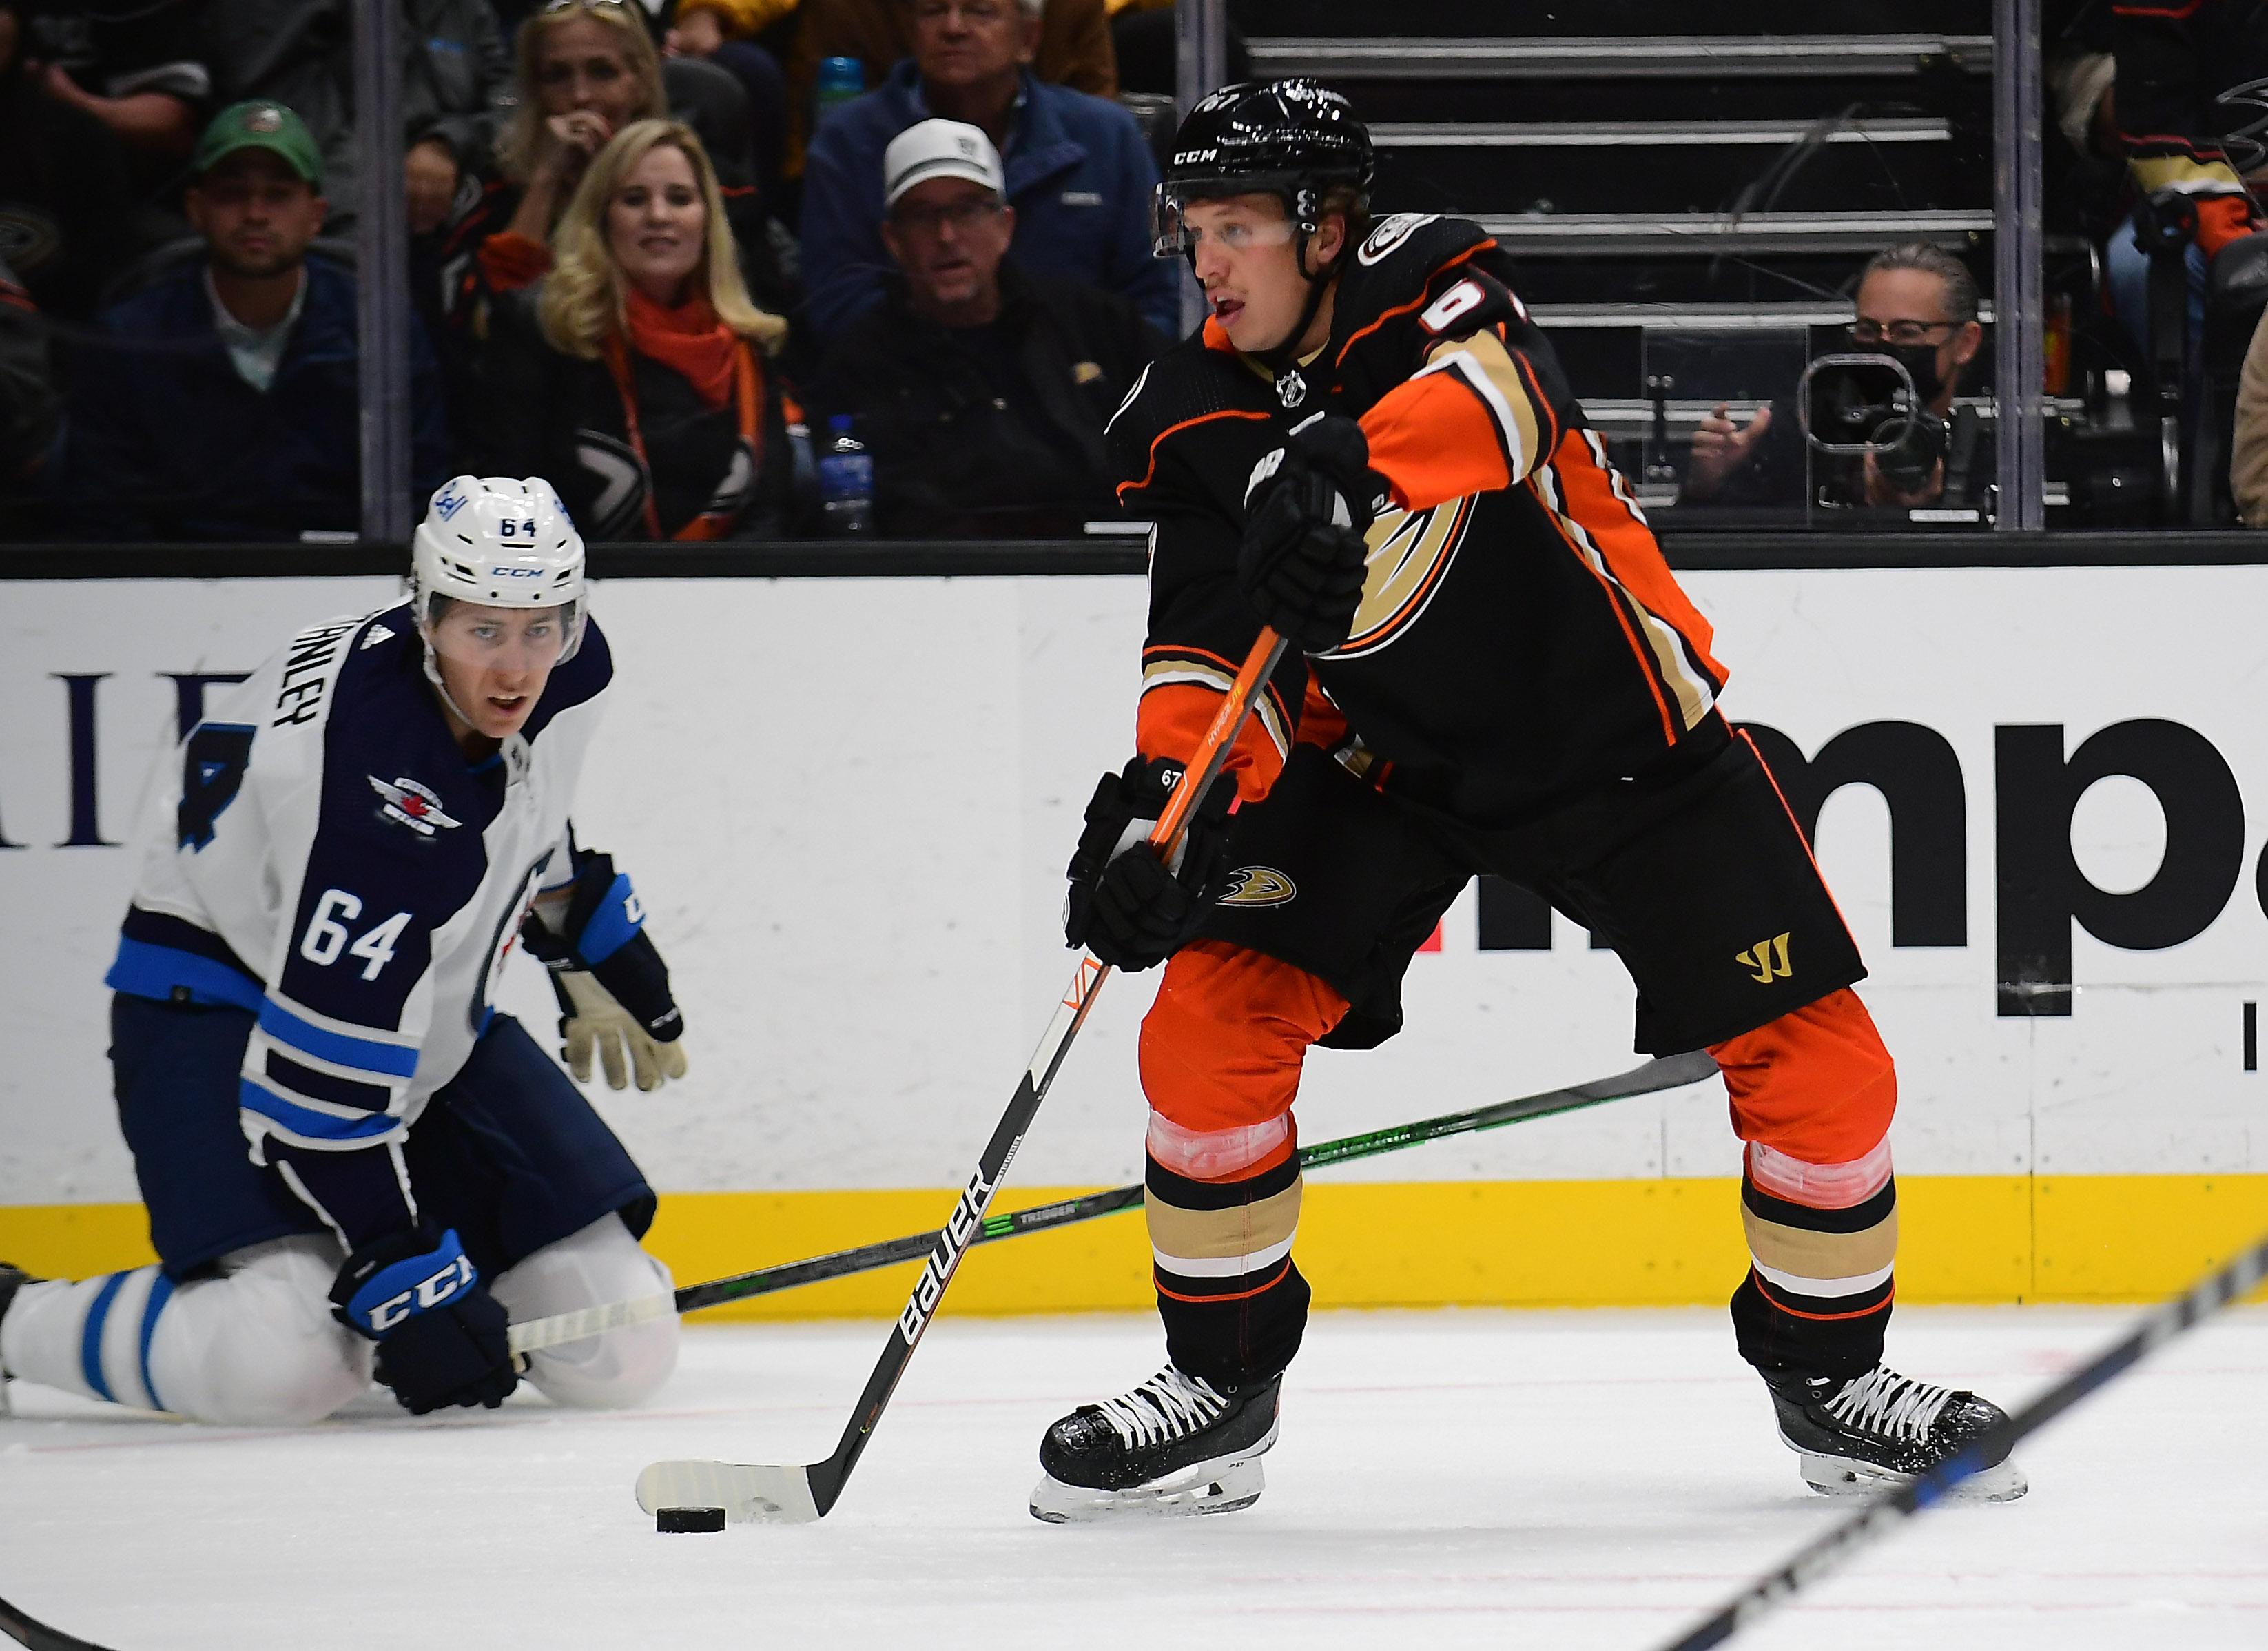 NHL: Winnipeg Jets at Anaheim Ducks